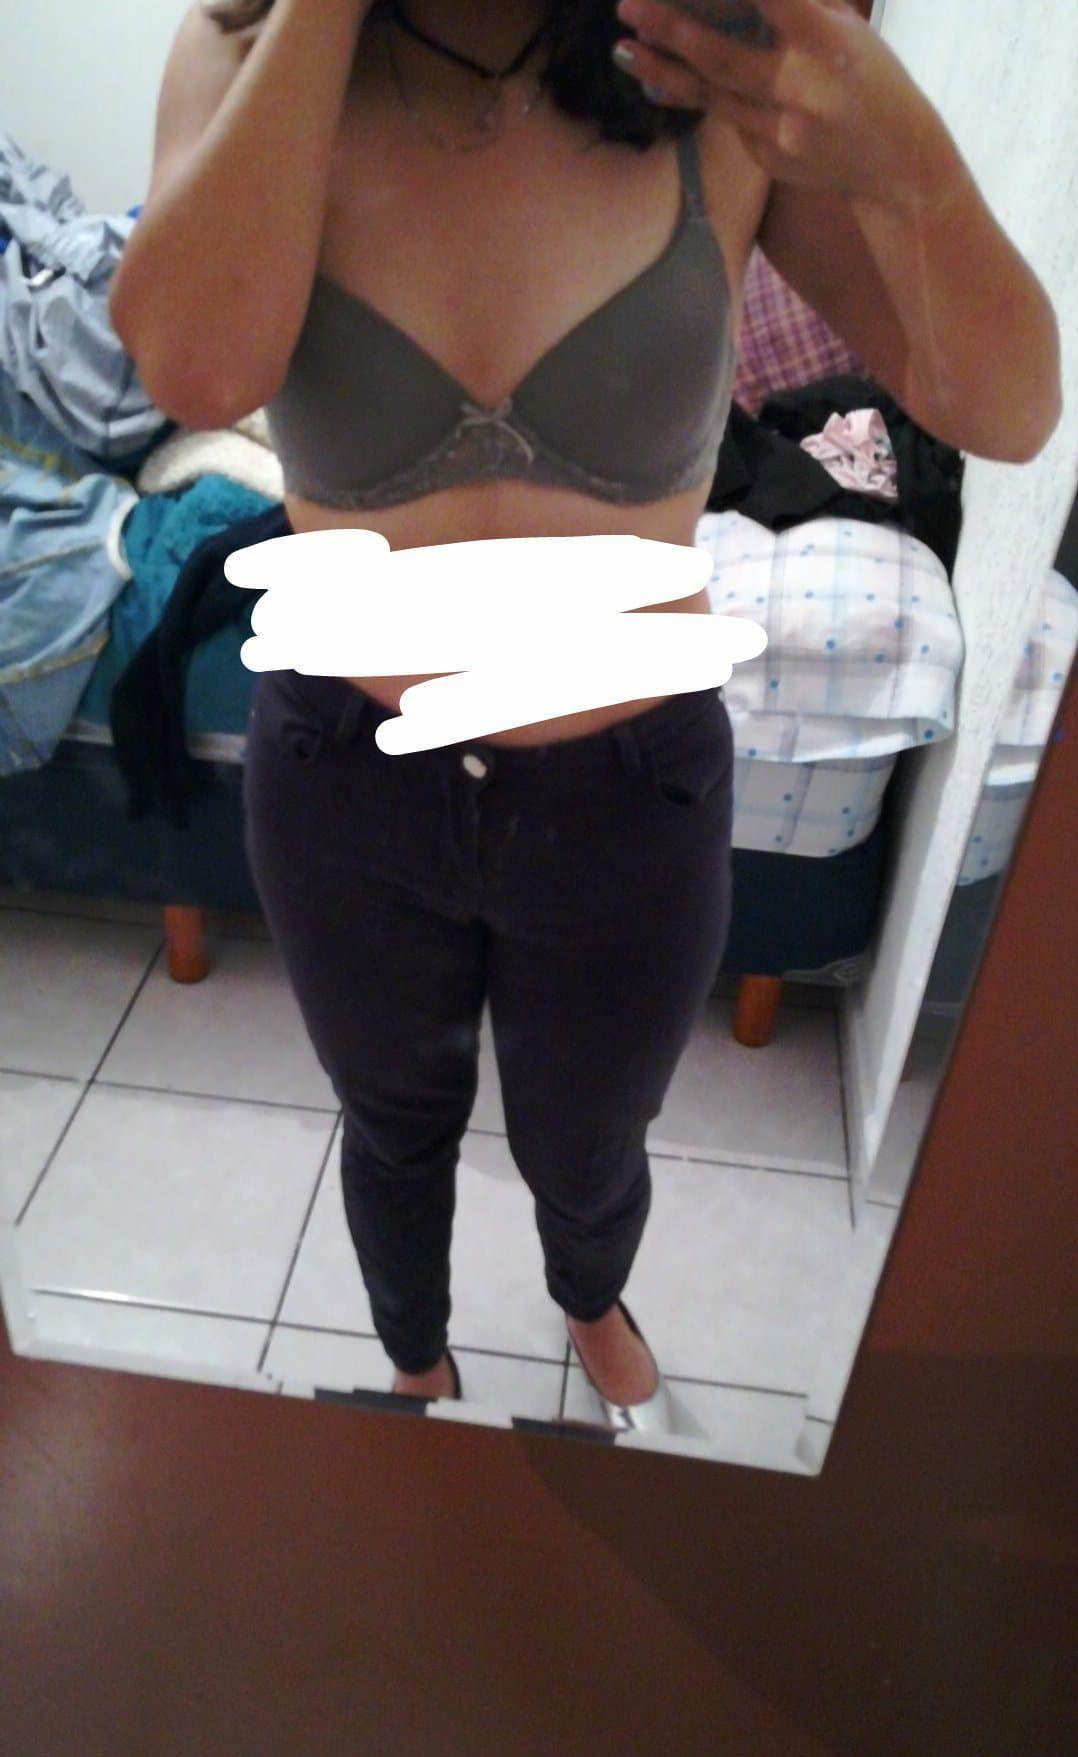 Morrilla Valeria Villaseñor con pack casero de nudes y Videos xxx. 3